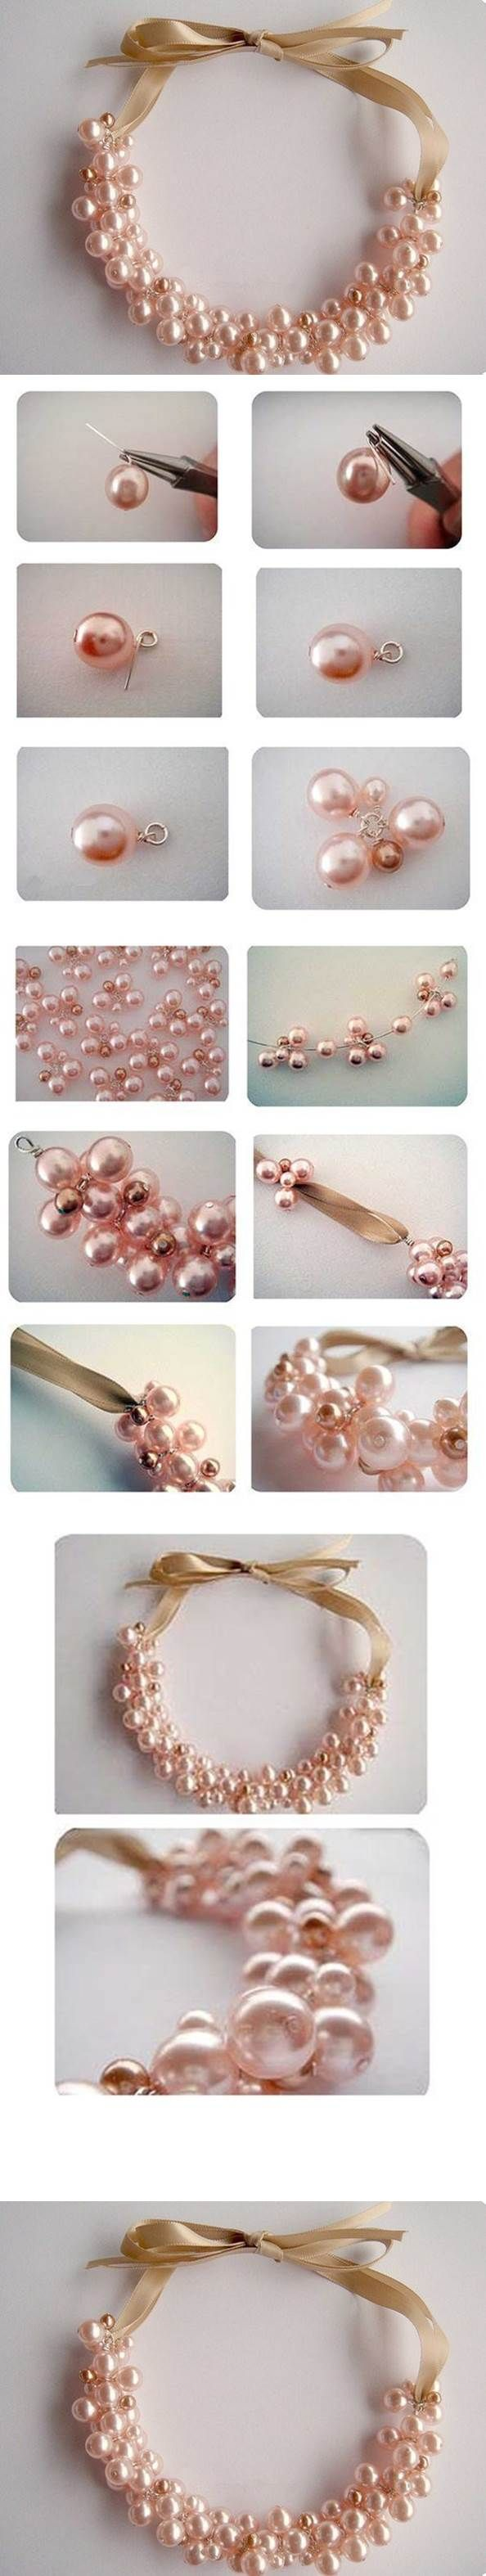 DIY Elegant Pearl Cluster Necklace 2